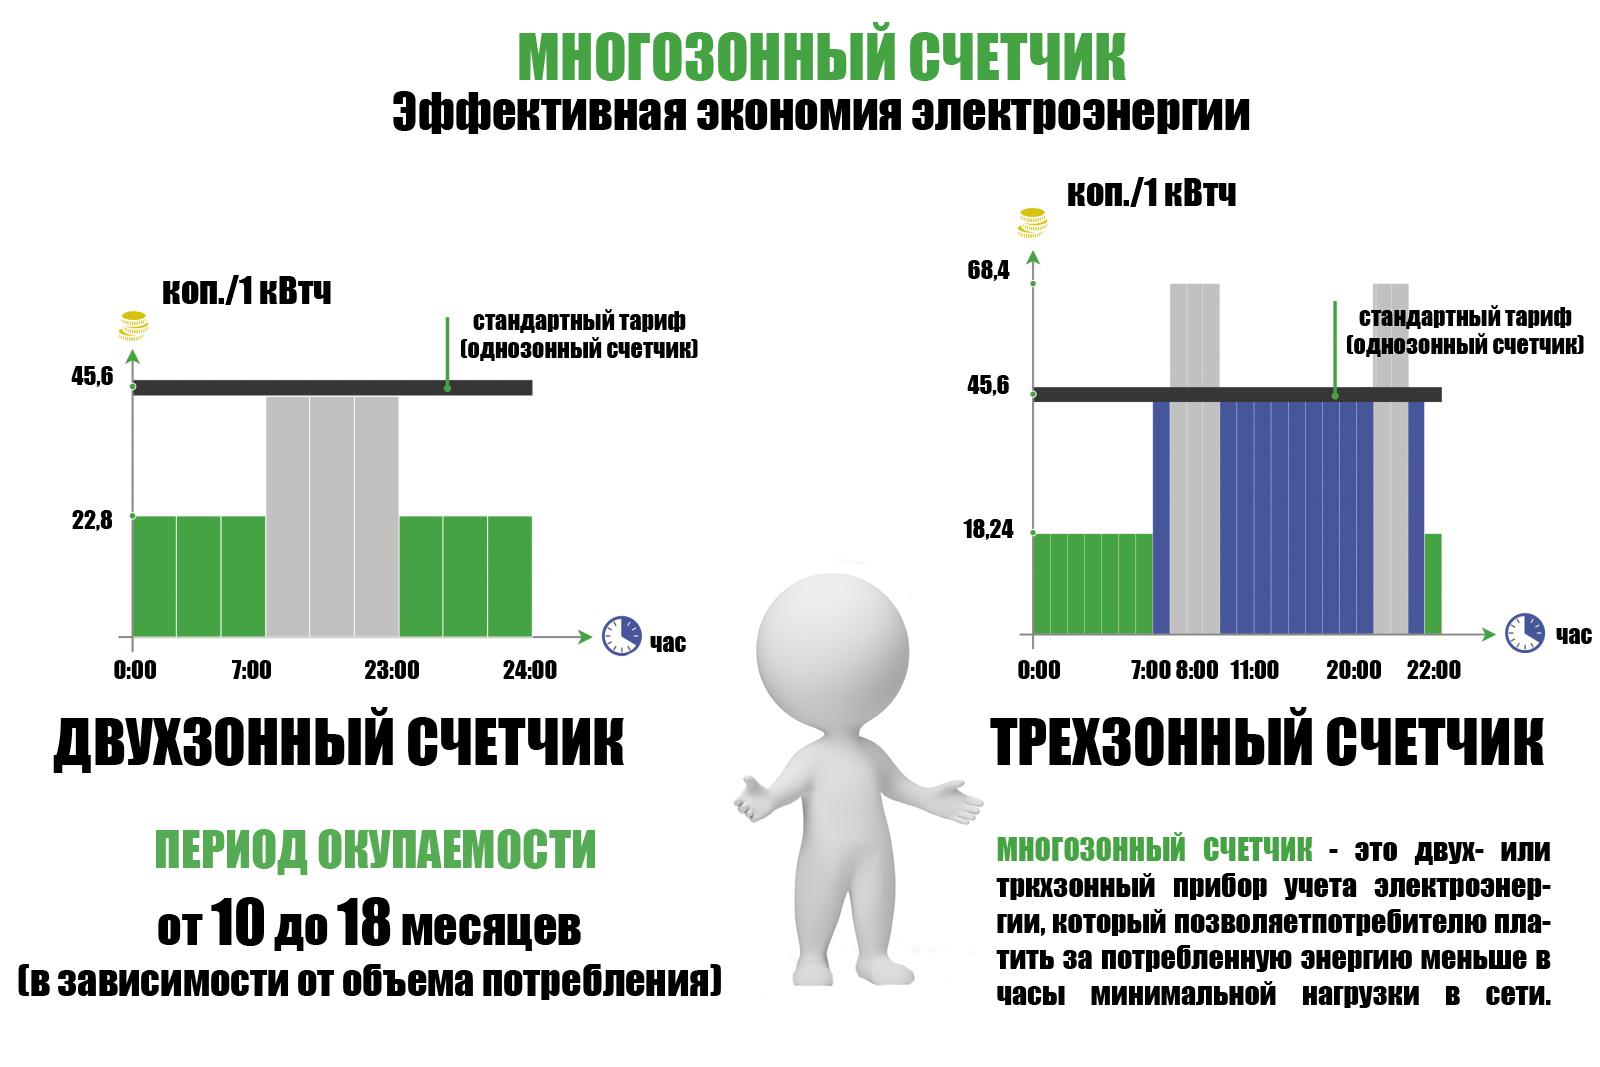 Как просчитать экономическую выгоду от трехтарифного электросчетчика